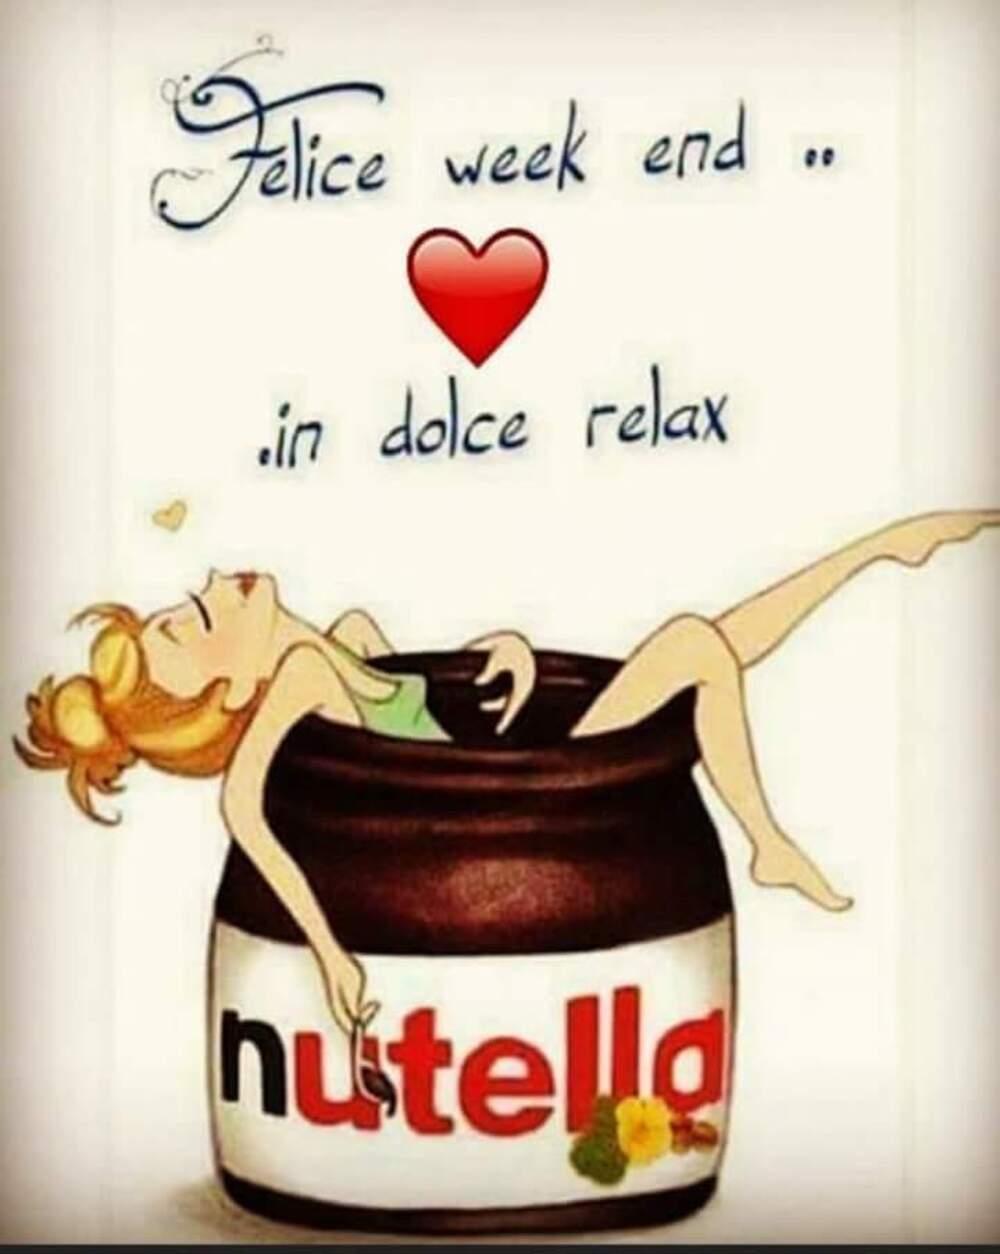 Felice Week End in dolce relax - Nutella